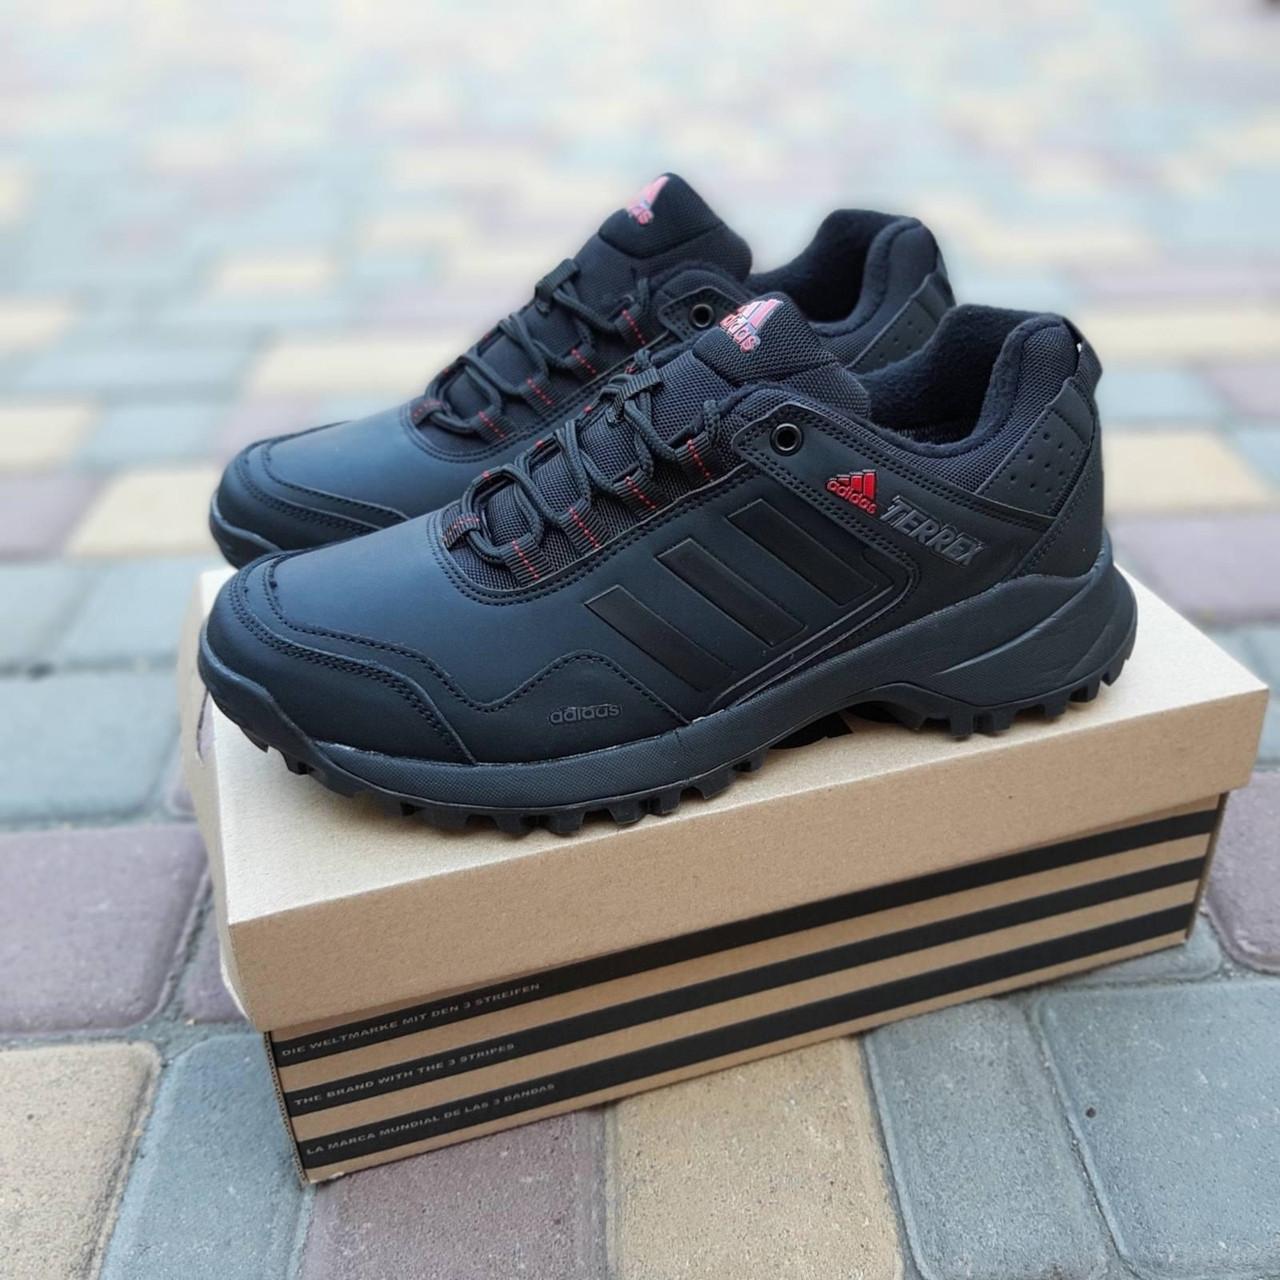 Мужские зимние кроссовки Adidas Terrex (черно-красные) Термо 3514